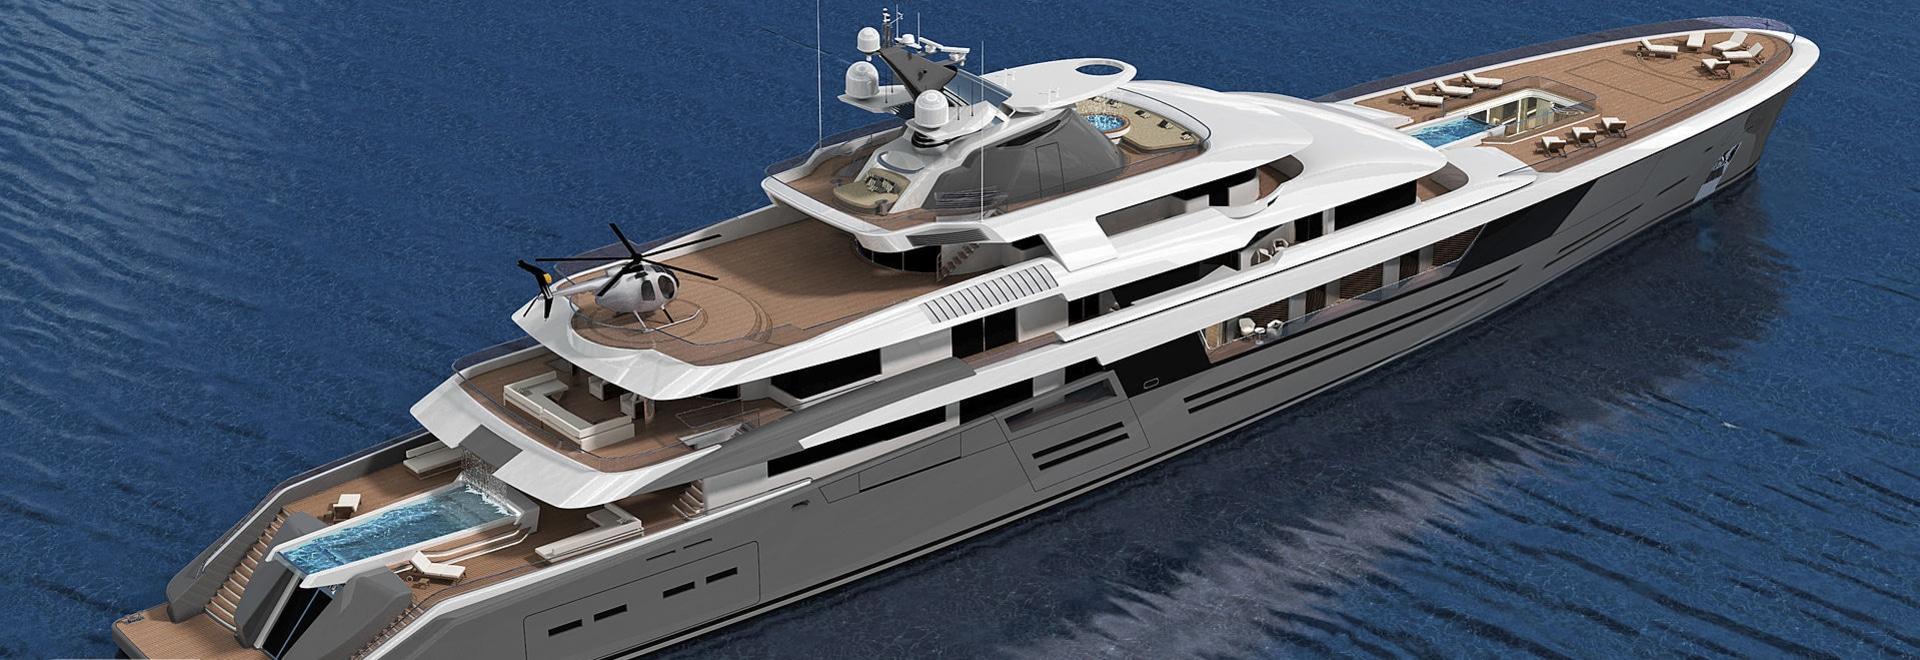 Nobiskrug's 90m superyacht concept Legato